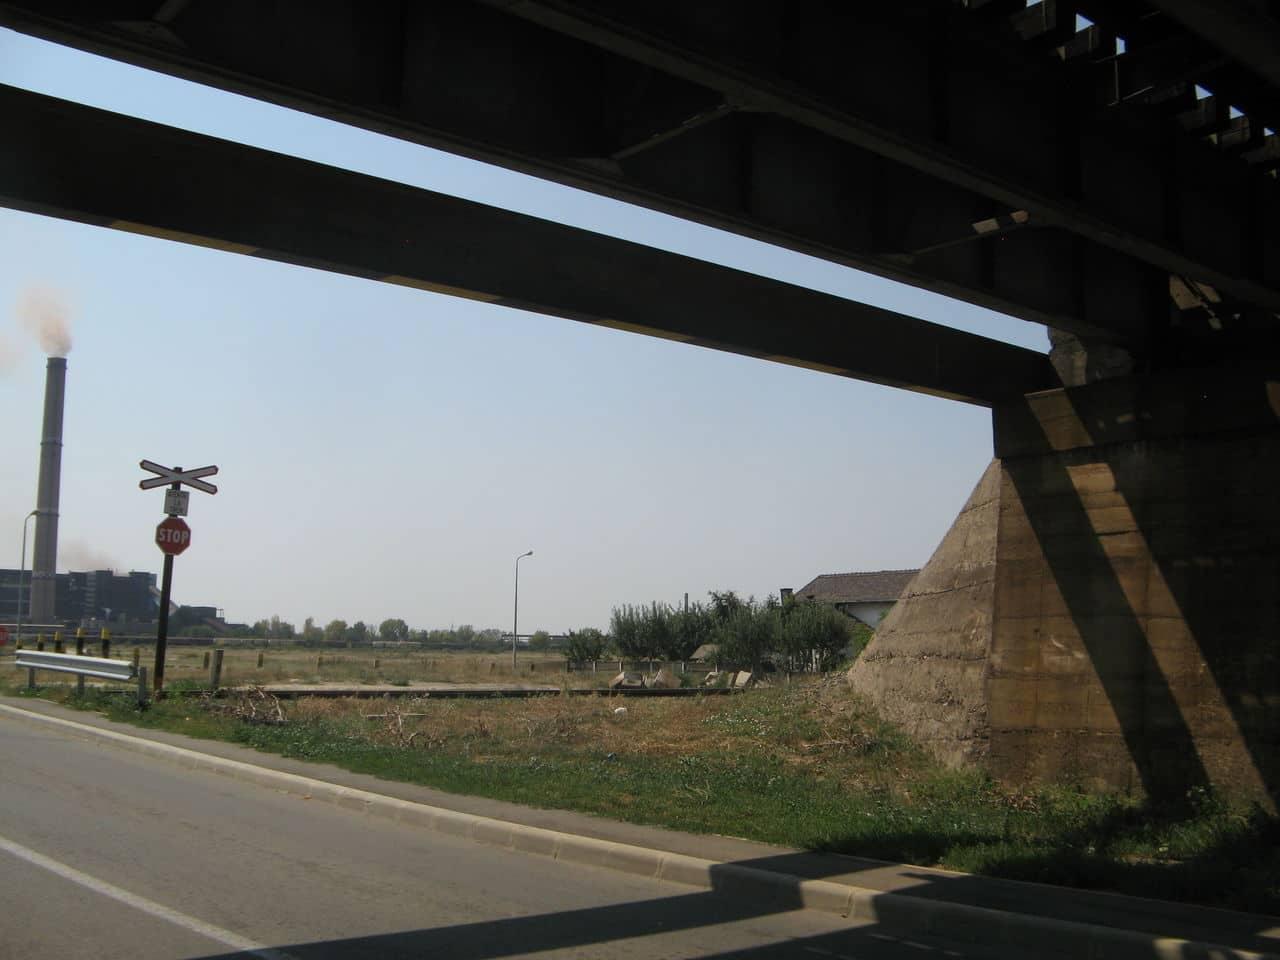 Calea ferată directă Oradea Vest - Episcopia Bihor IMG_0062